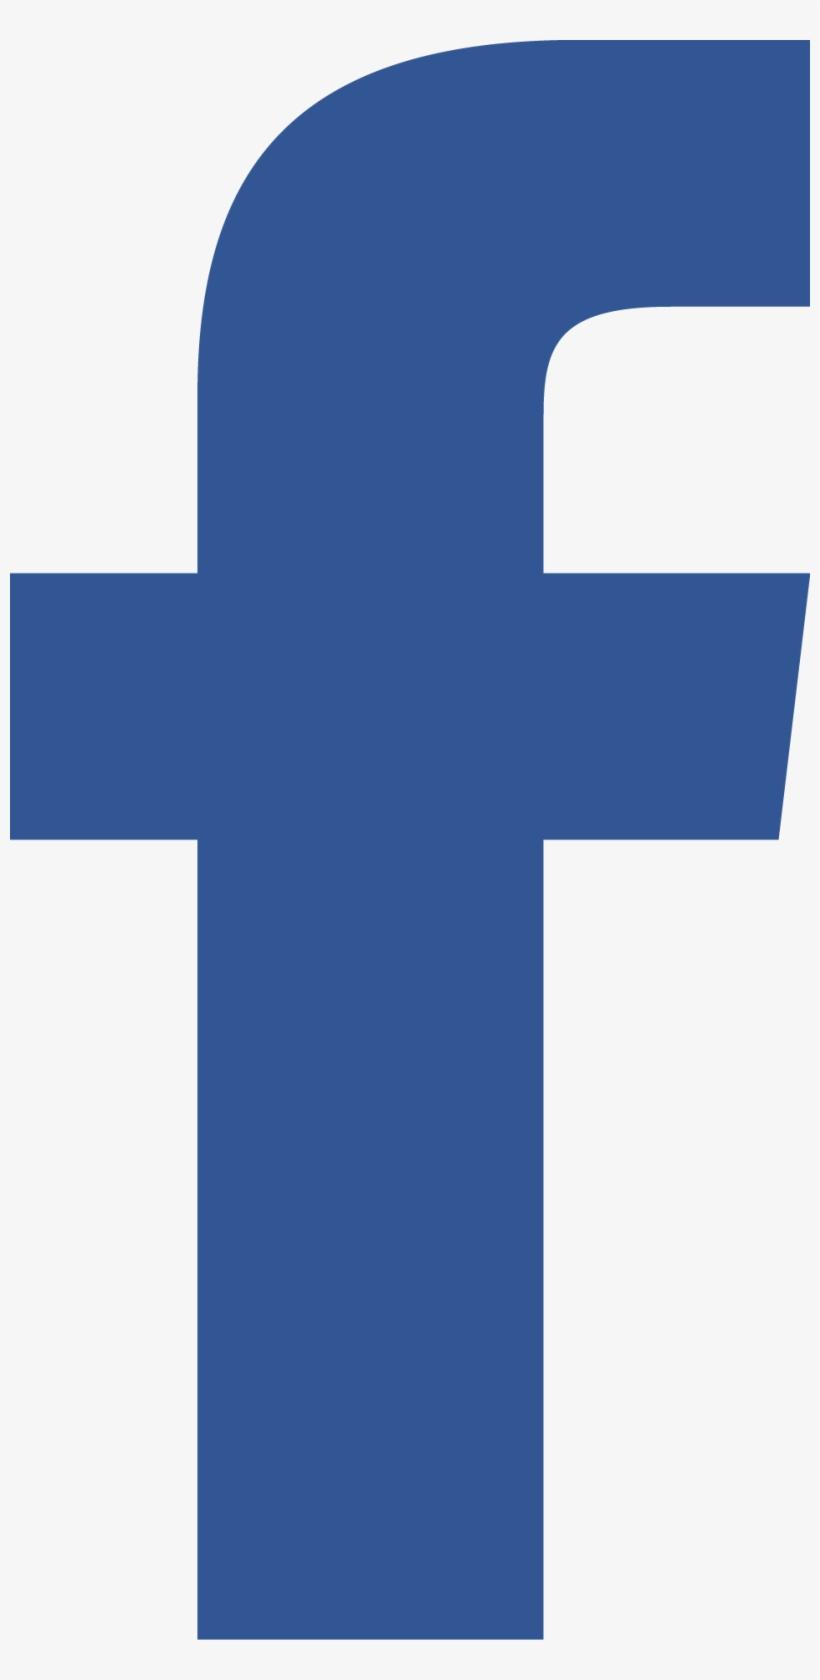 Download Facebook Logo Free Png Transparent Image And - Facebook Logo Transparent, transparent png #5311